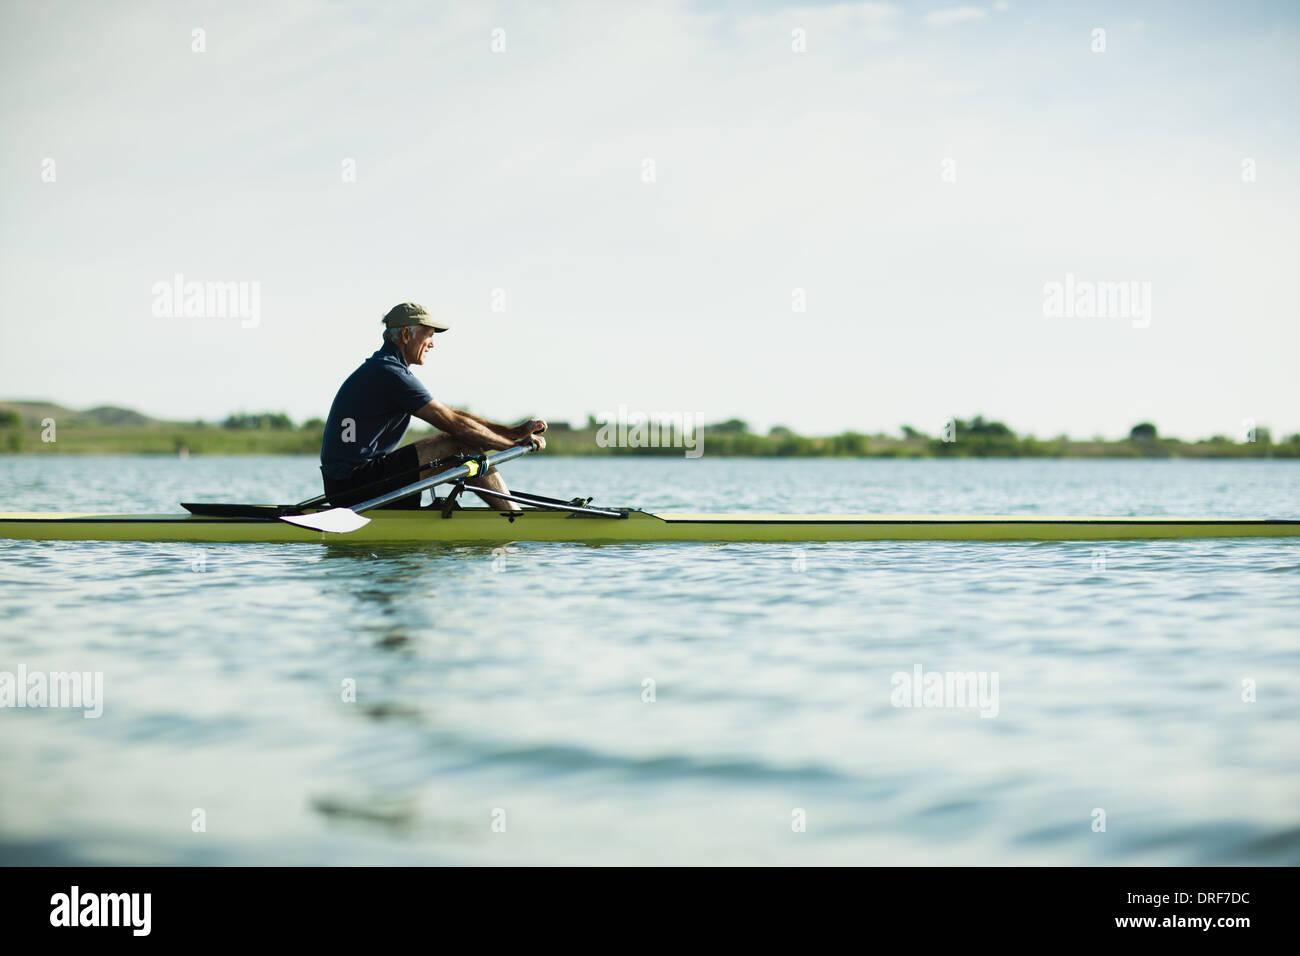 Colorado USA uomo di mezza età in barca a remi in acqua Immagini Stock